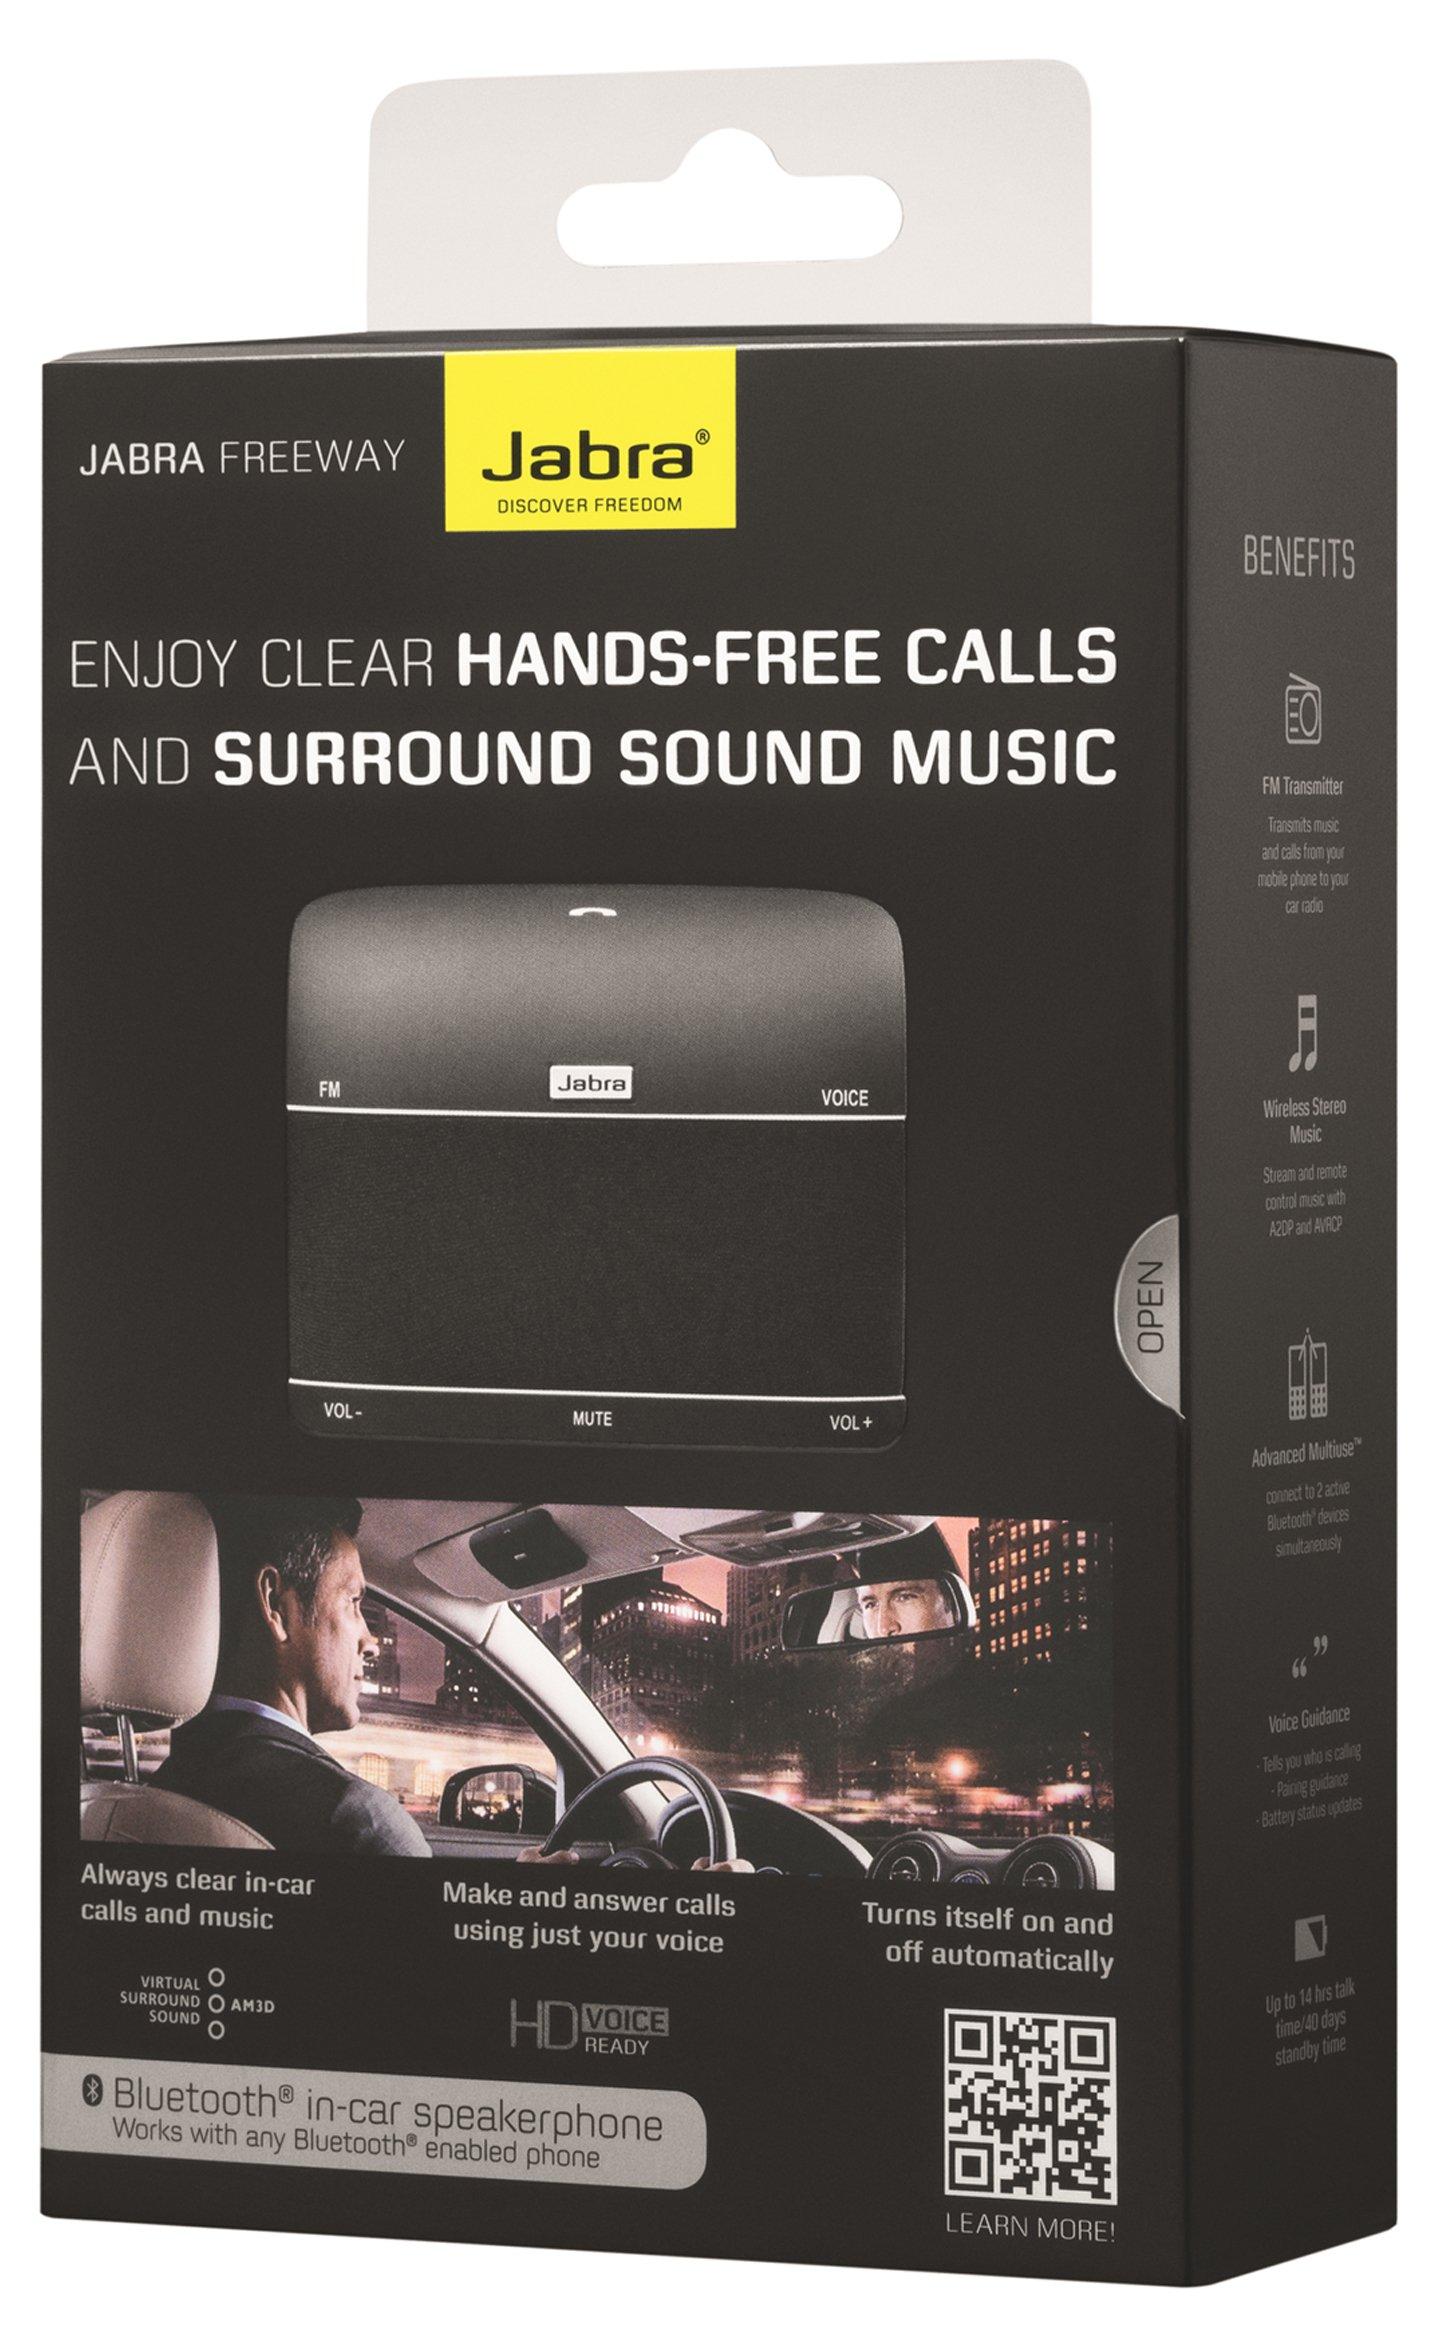 Jabra Freeway Bluetooth in-Car Speakerphone (U.S. Retail Packaging) by Jabra (Image #6)